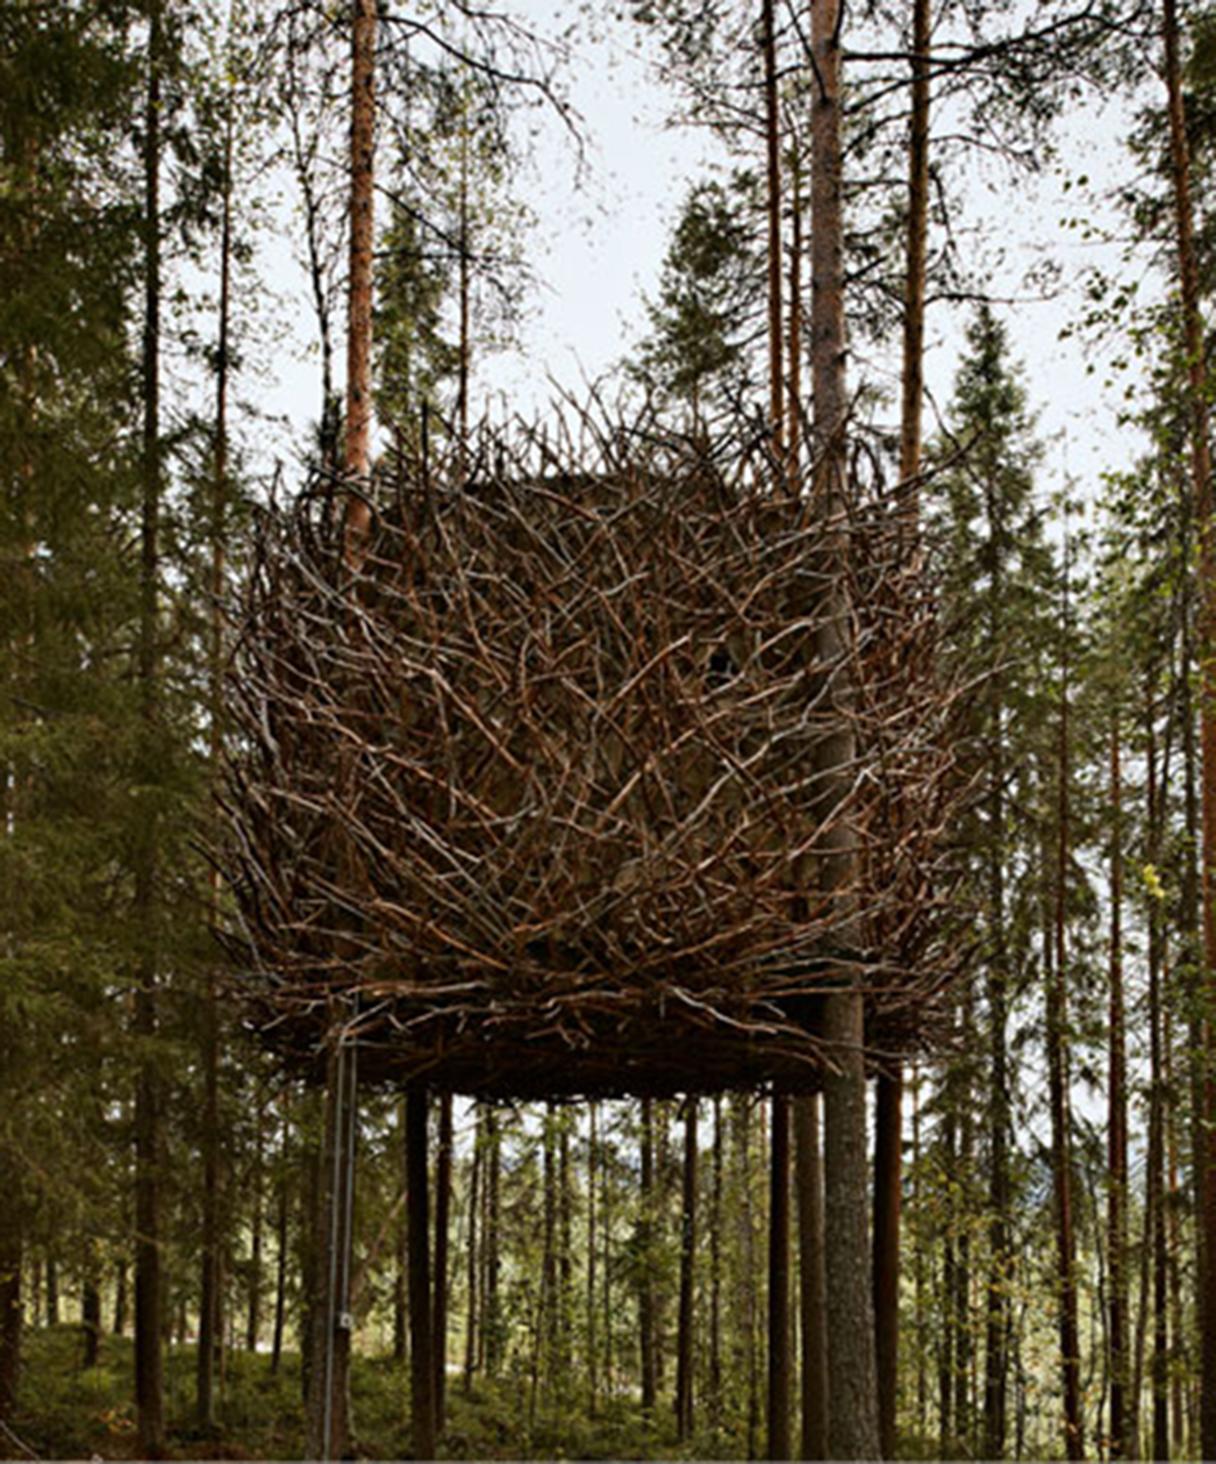 Le case sugli alberi le forme dei giorni for Case in legno sugli alberi